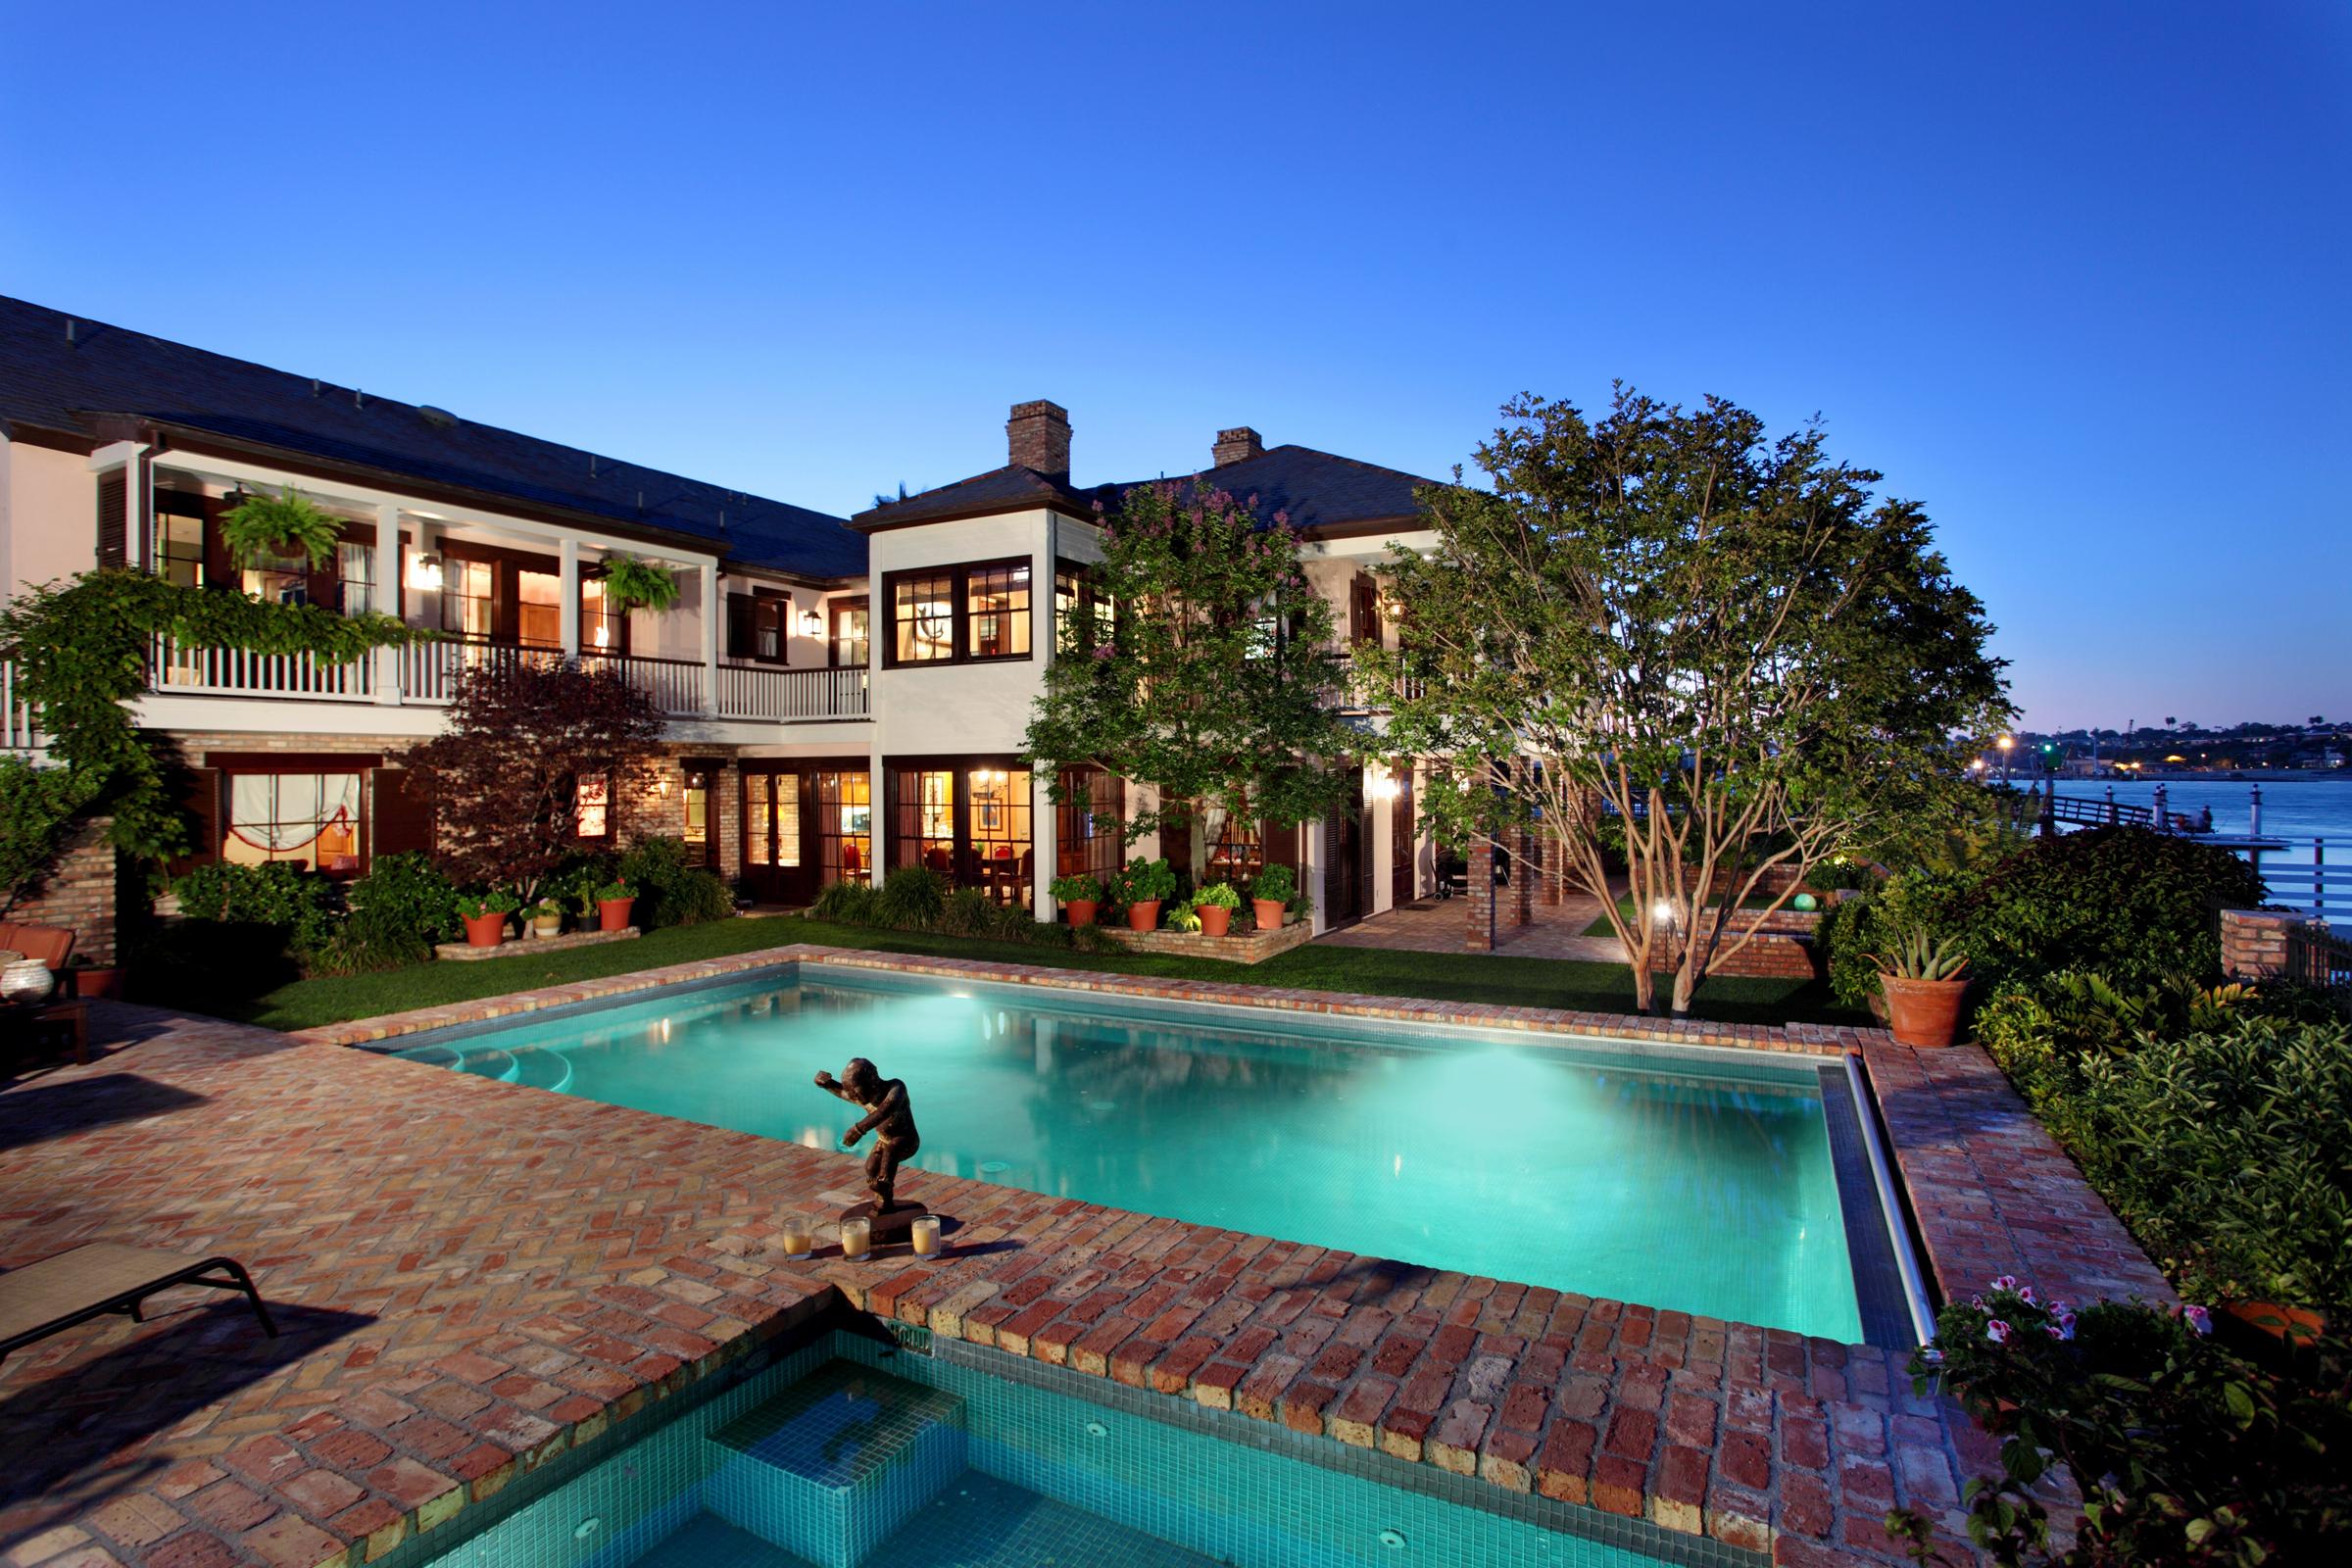 newport beach house – beach house style